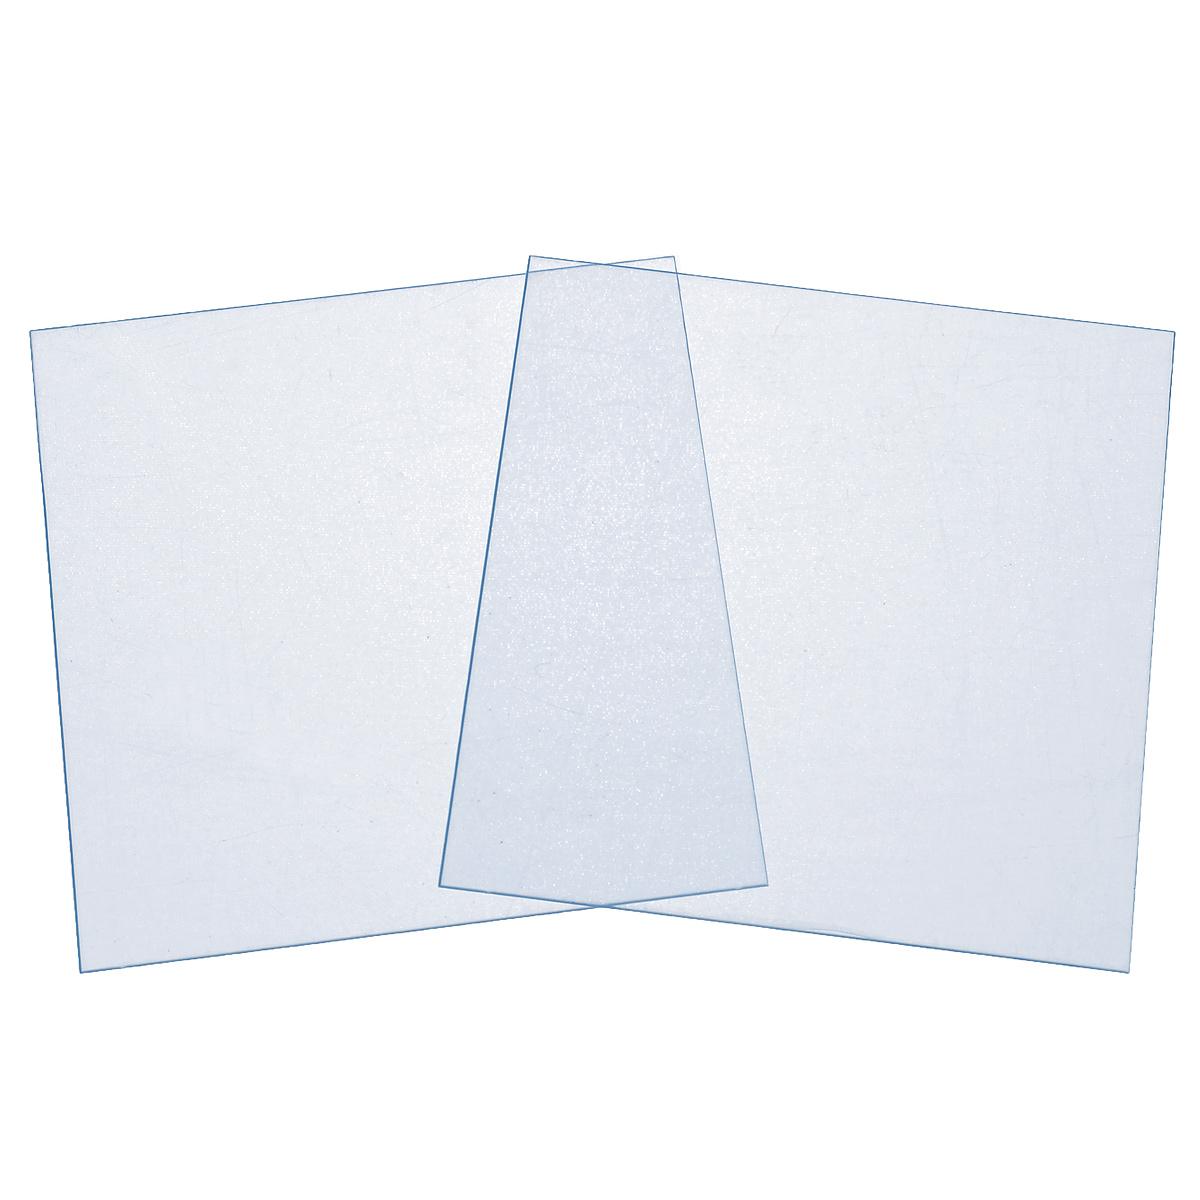 Обложки акриловые Zutter, 10 x 10 см, 2 штZUT2790Акриловые прозрачные обложки Zutter предназначены для создания альбомов в технике скрапбукинг. В наборе - 2 листа для передней и задней обложки. Скрапбукинг - это хобби, которое способно приносить массу приятных эмоций не только человеку, который этим занимается, но и его близким, друзьям, родным. Это невероятно увлекательное занятие, которое поможет вам сохранить наиболее памятные и яркие моменты вашей жизни, а также интересно оформить интерьер дома. Размер: 10 см х 10 см.